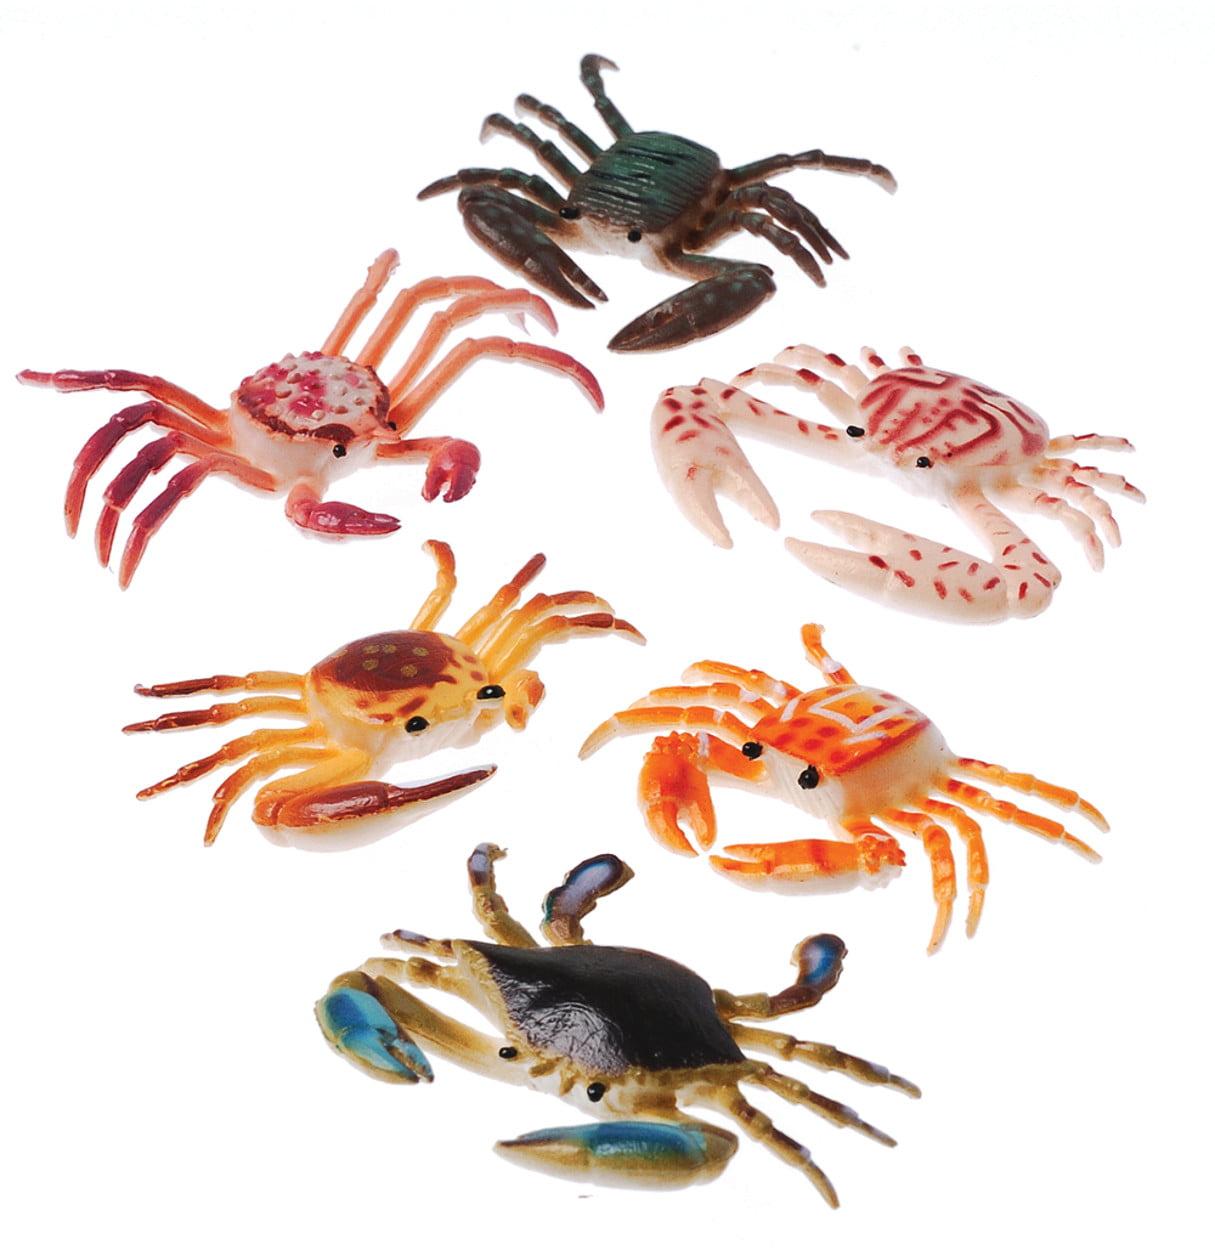 Plastic Toy Crabs Sea Creature Crustacean Colorful 12 Pack